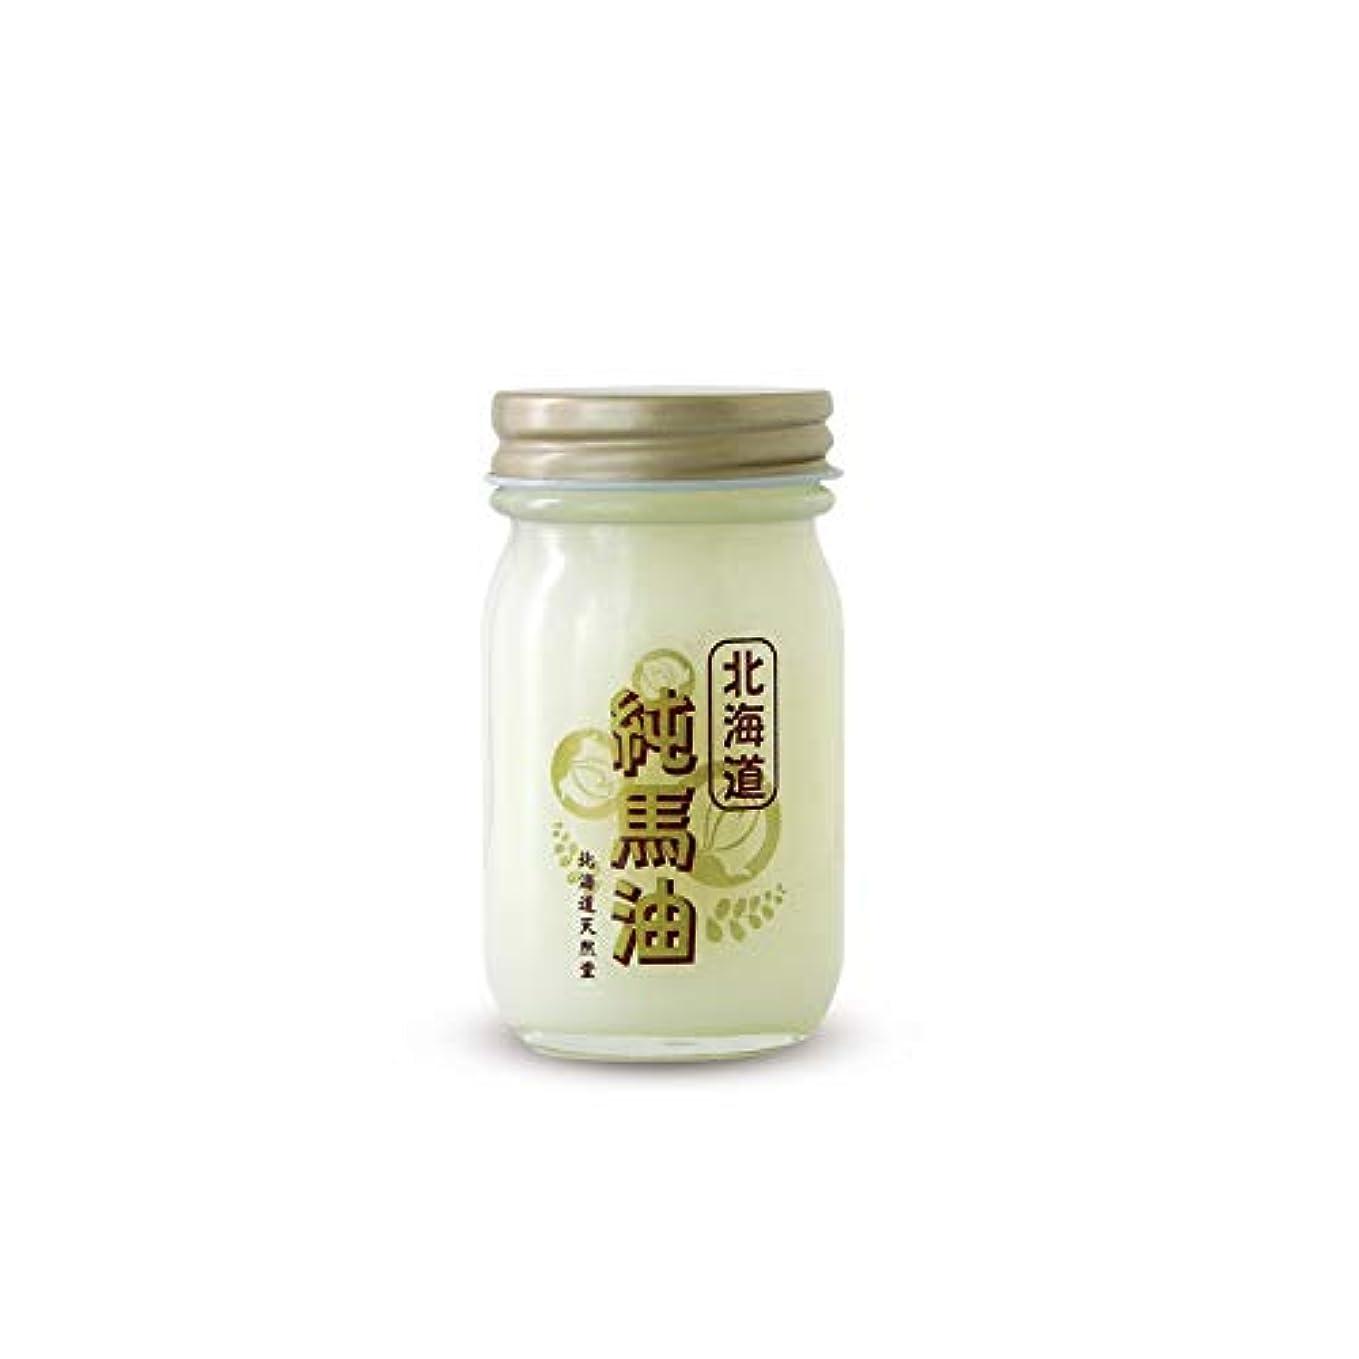 故意に下手出血純馬油 70ml 【国内限定】/ 北海道天然堂